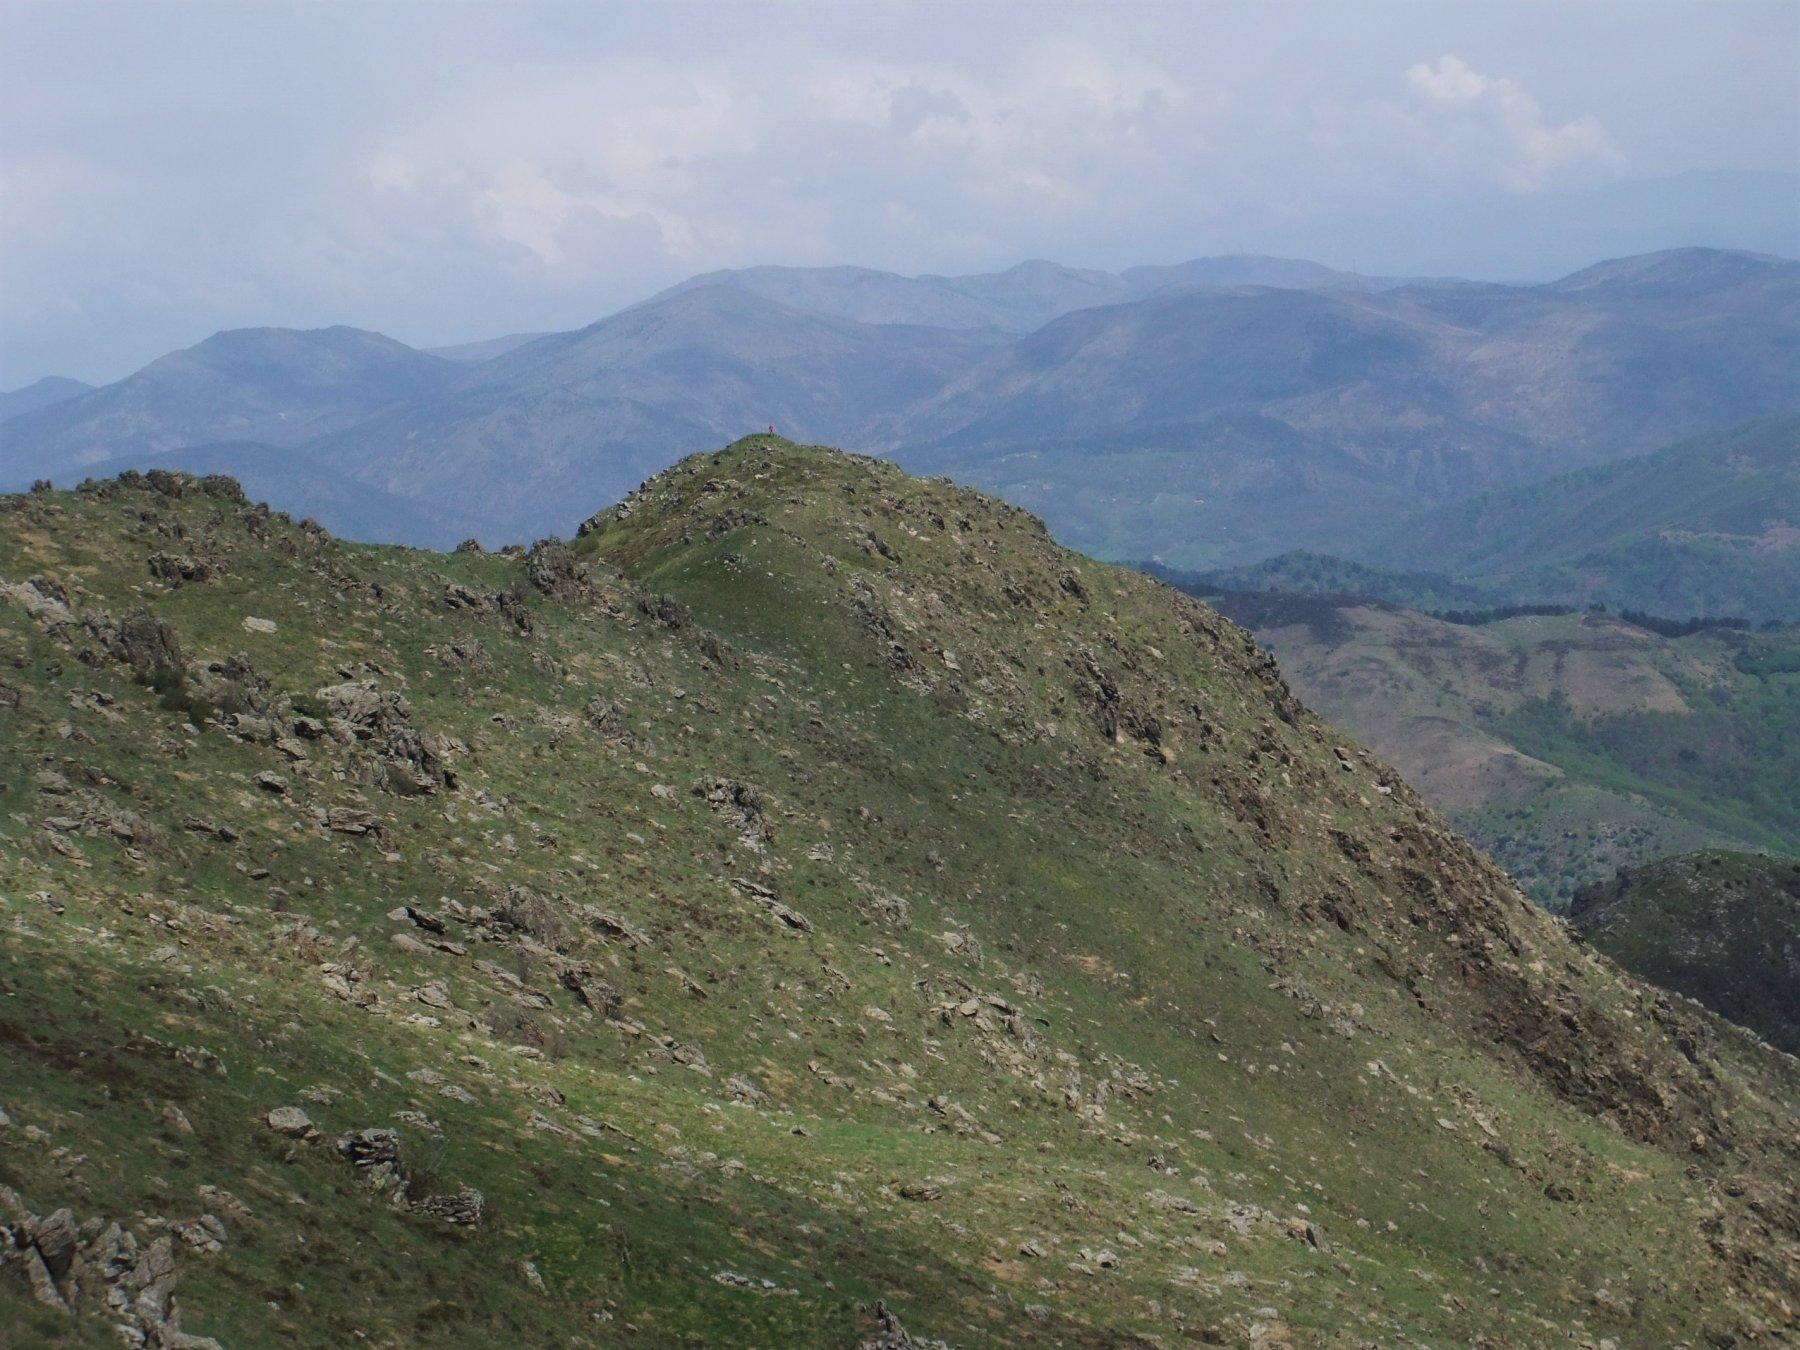 Biscia (Pian della) da Passo del Faiallo, anello per la Valle Cerusa 2020-04-25